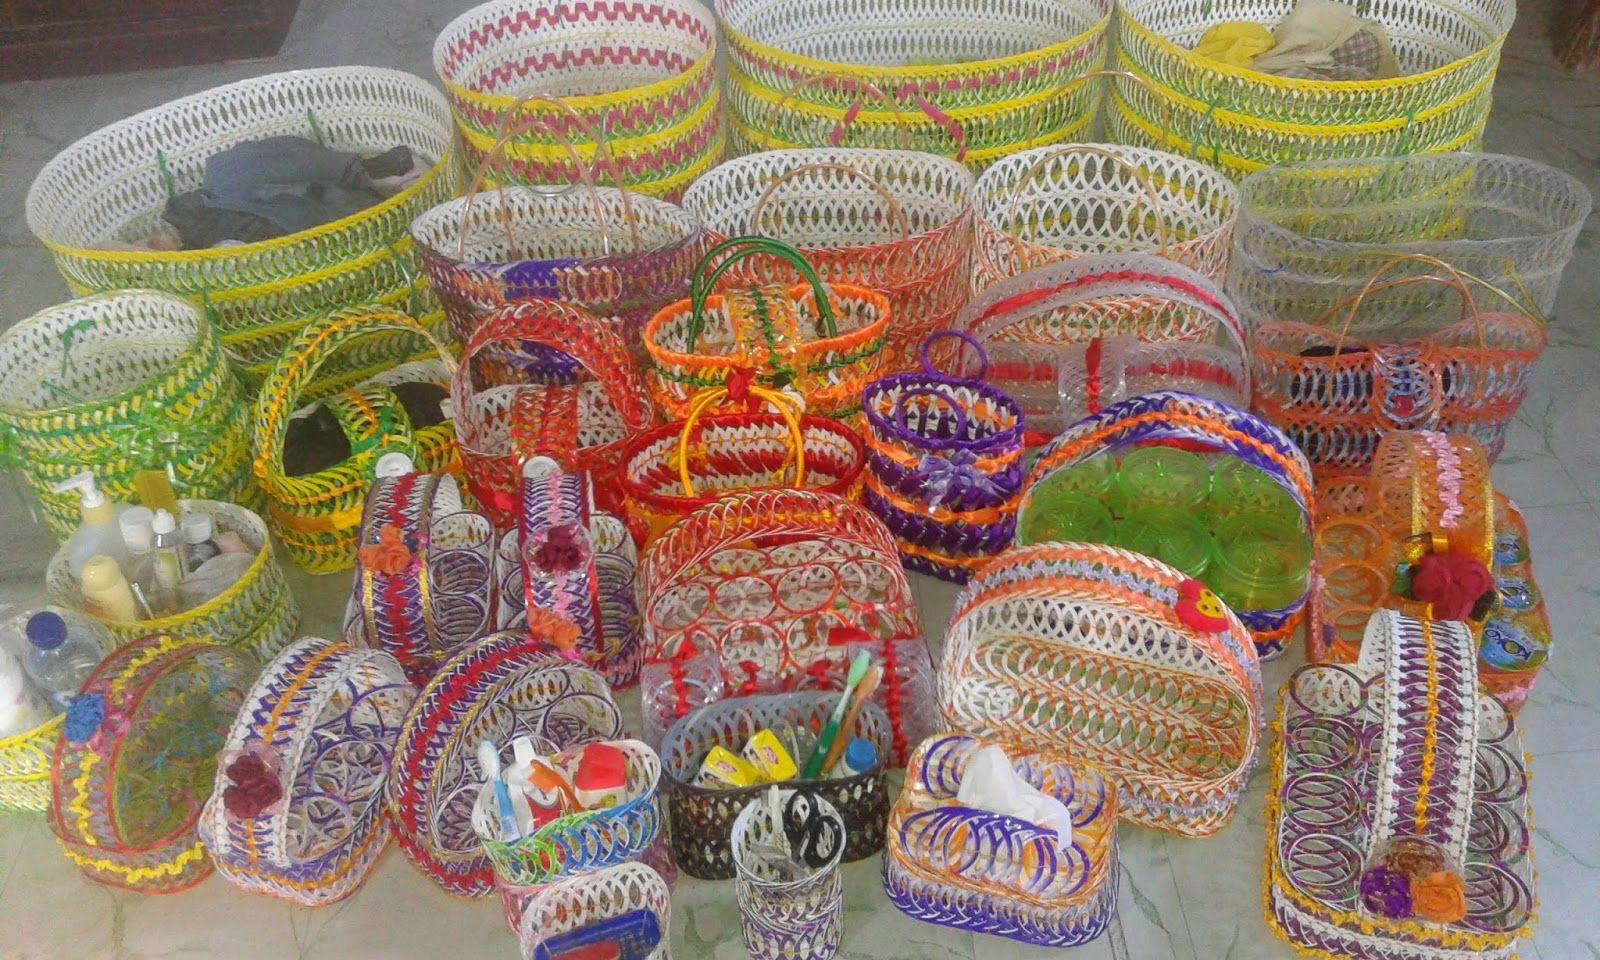 Membuat Kerajinan Tangan Dari Gelas Plastik Bunga Kertas